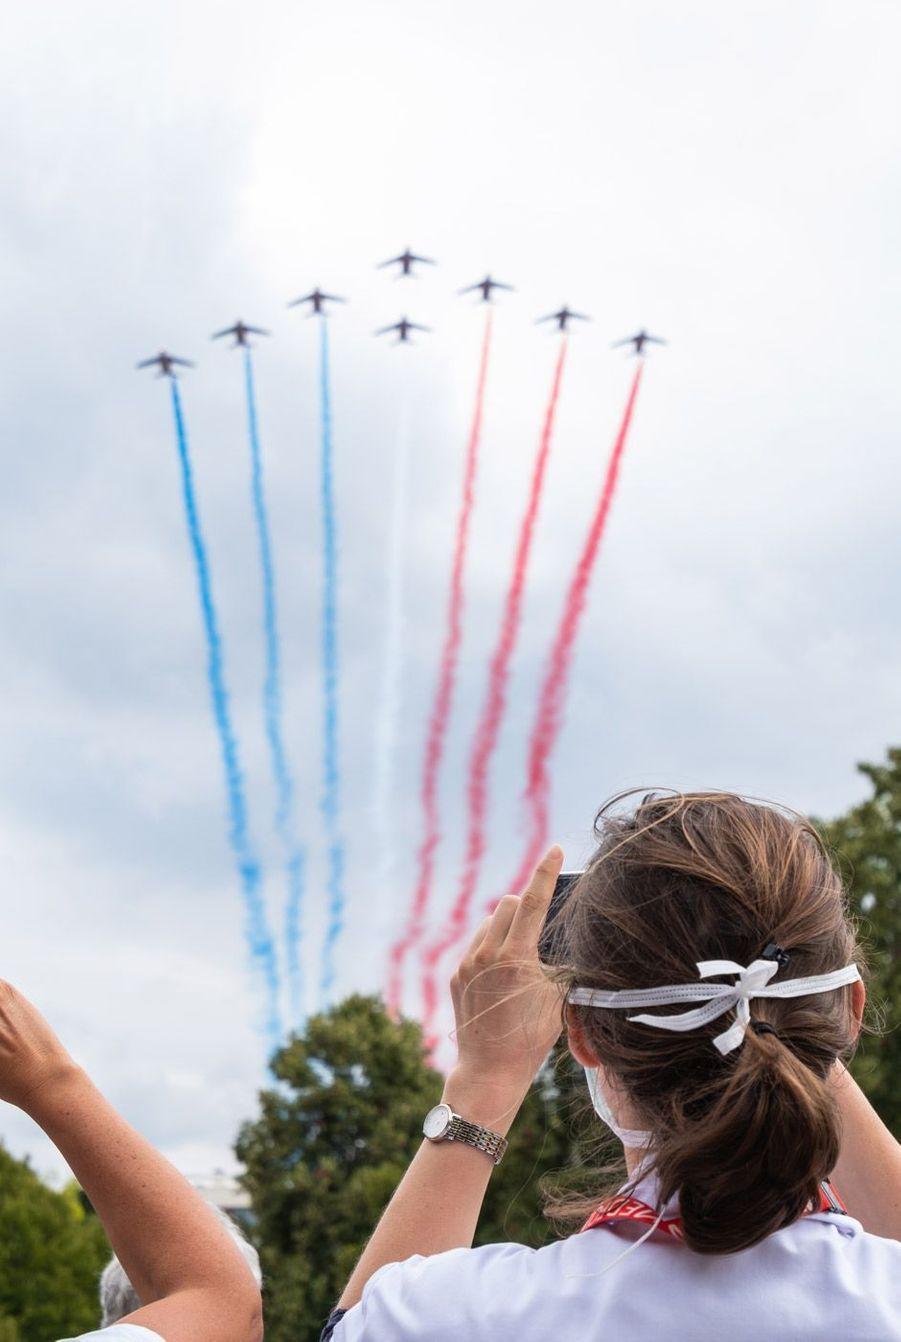 LaPatrouille de France mercredi au dessus de l'hôpital André Mignotau Chesnay.